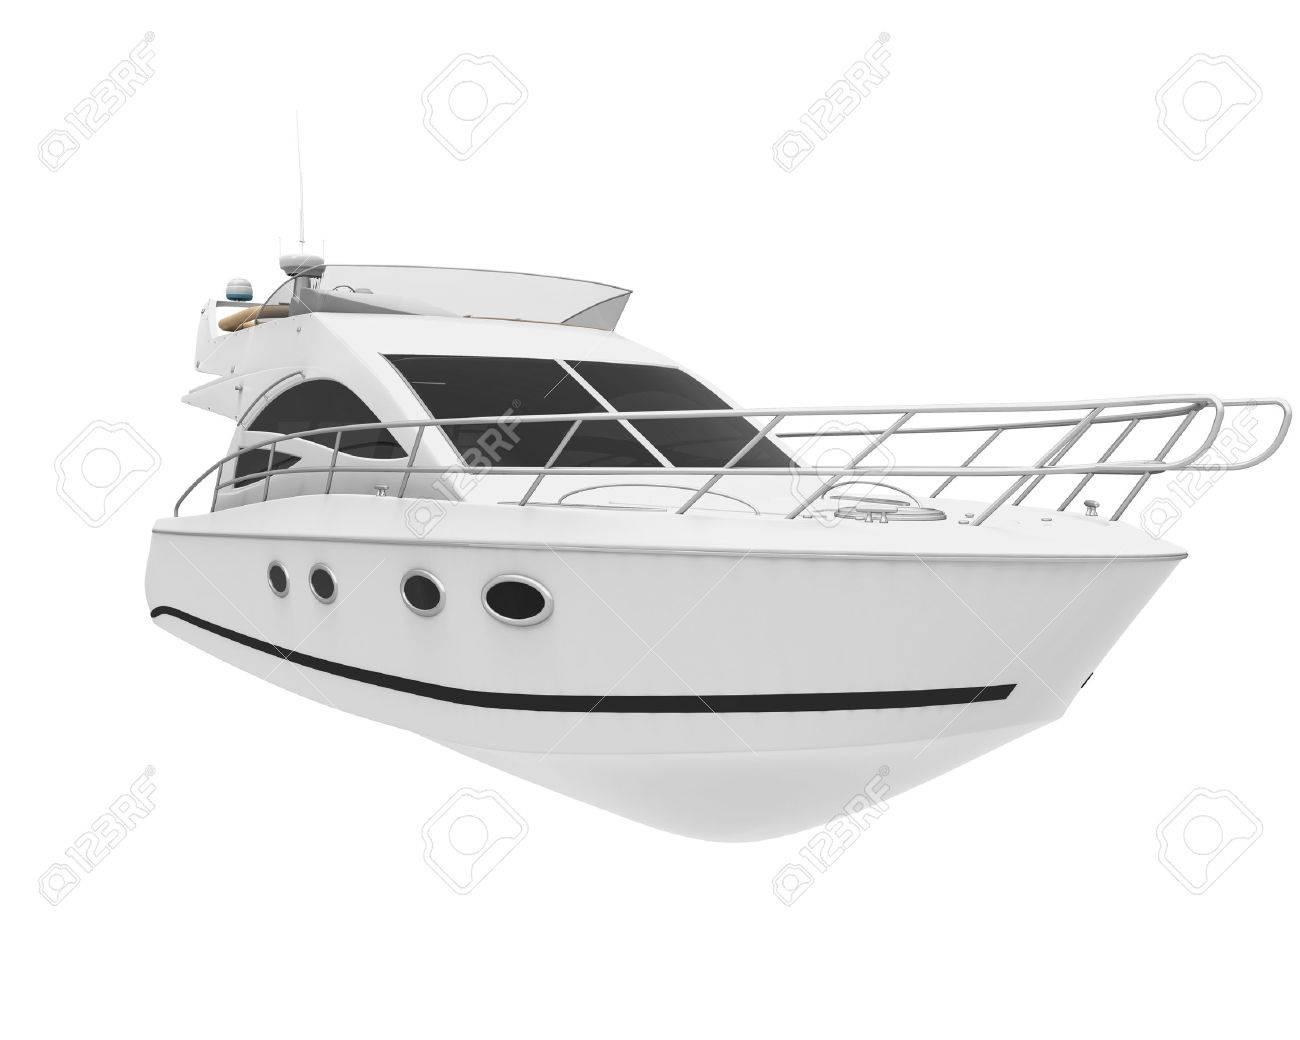 White Pleasure Yacht - 50284540